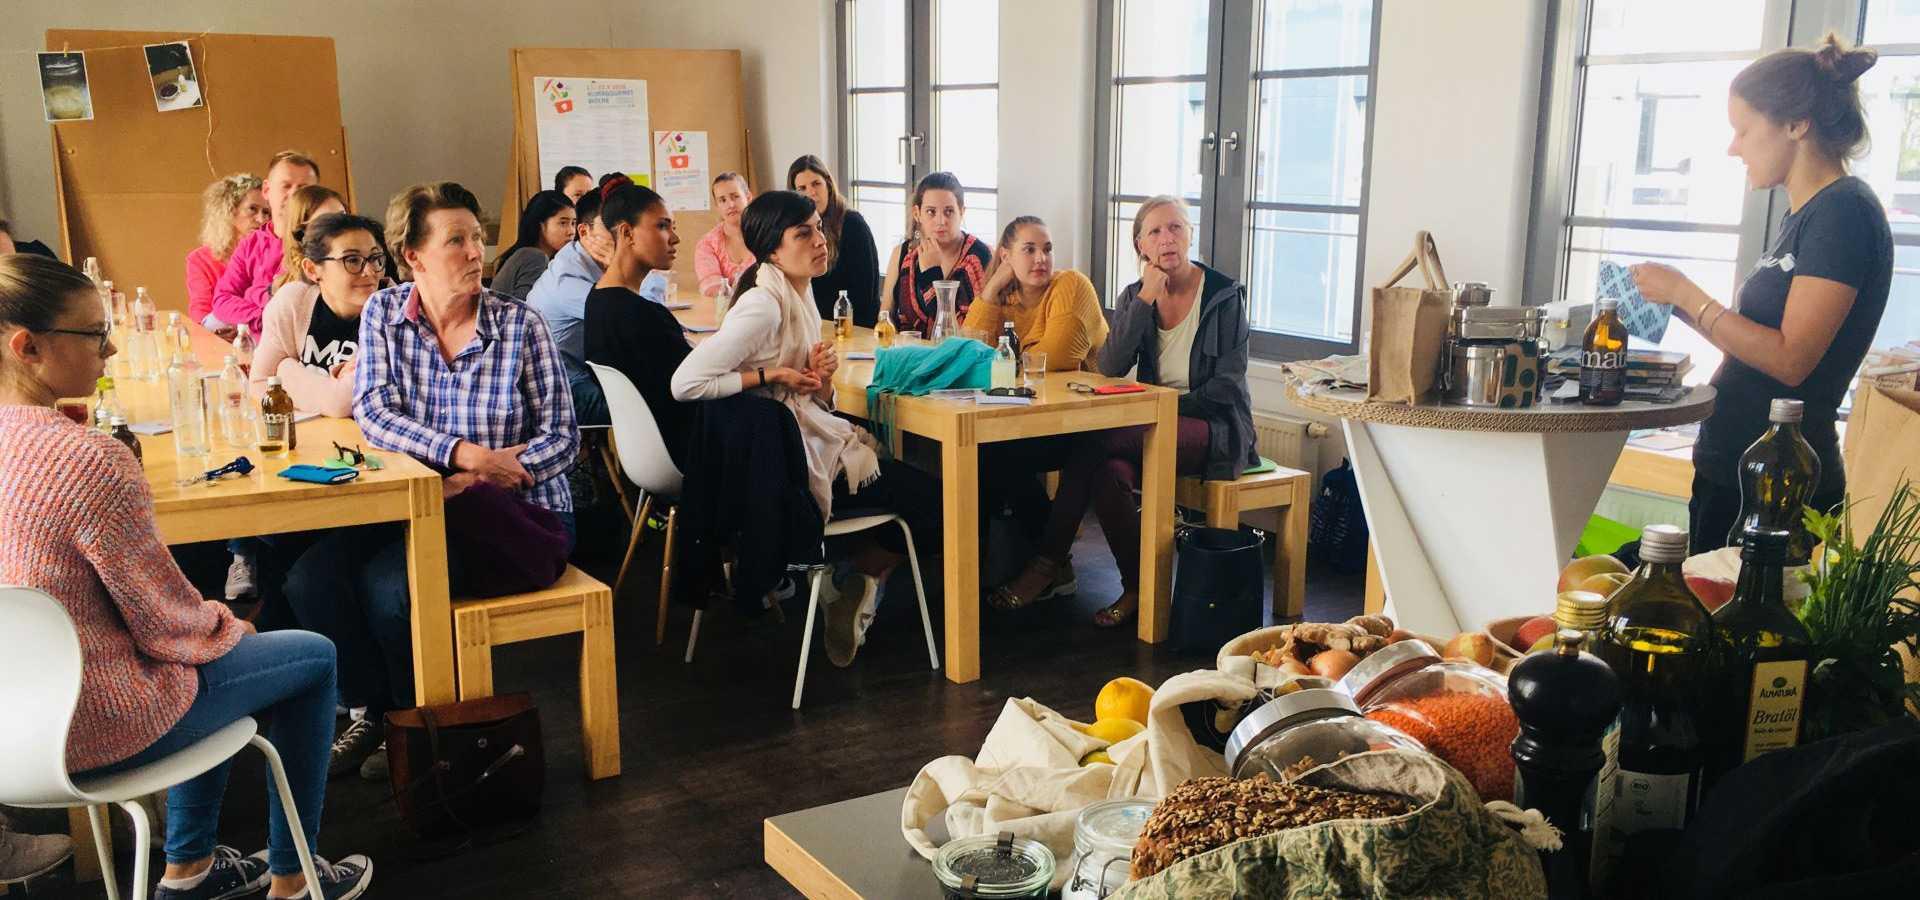 Workshop Event Vortrag gramm.genau Zero Waste unverpackt Frankfurt